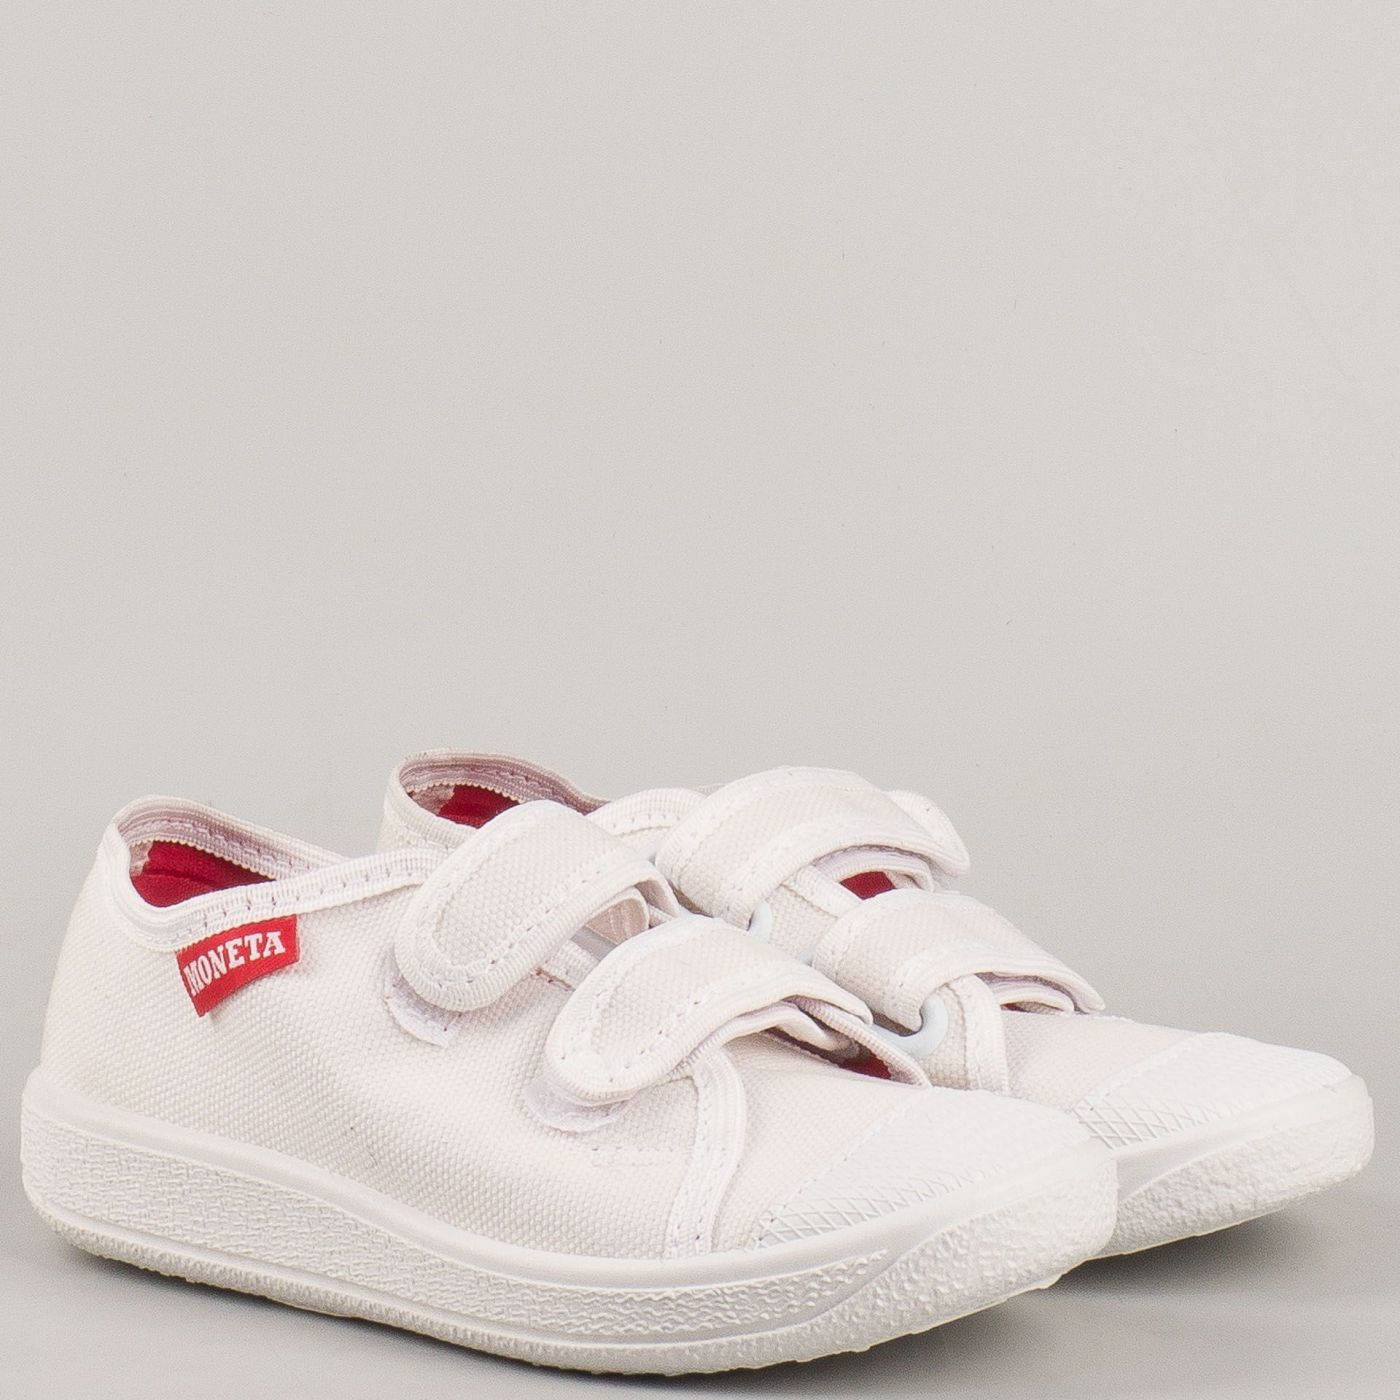 d599e0ecac0 Пролетно летни детски обувки с две велкро лепенки на водещ български  производител в бяло u062b - Sisi-bg.com